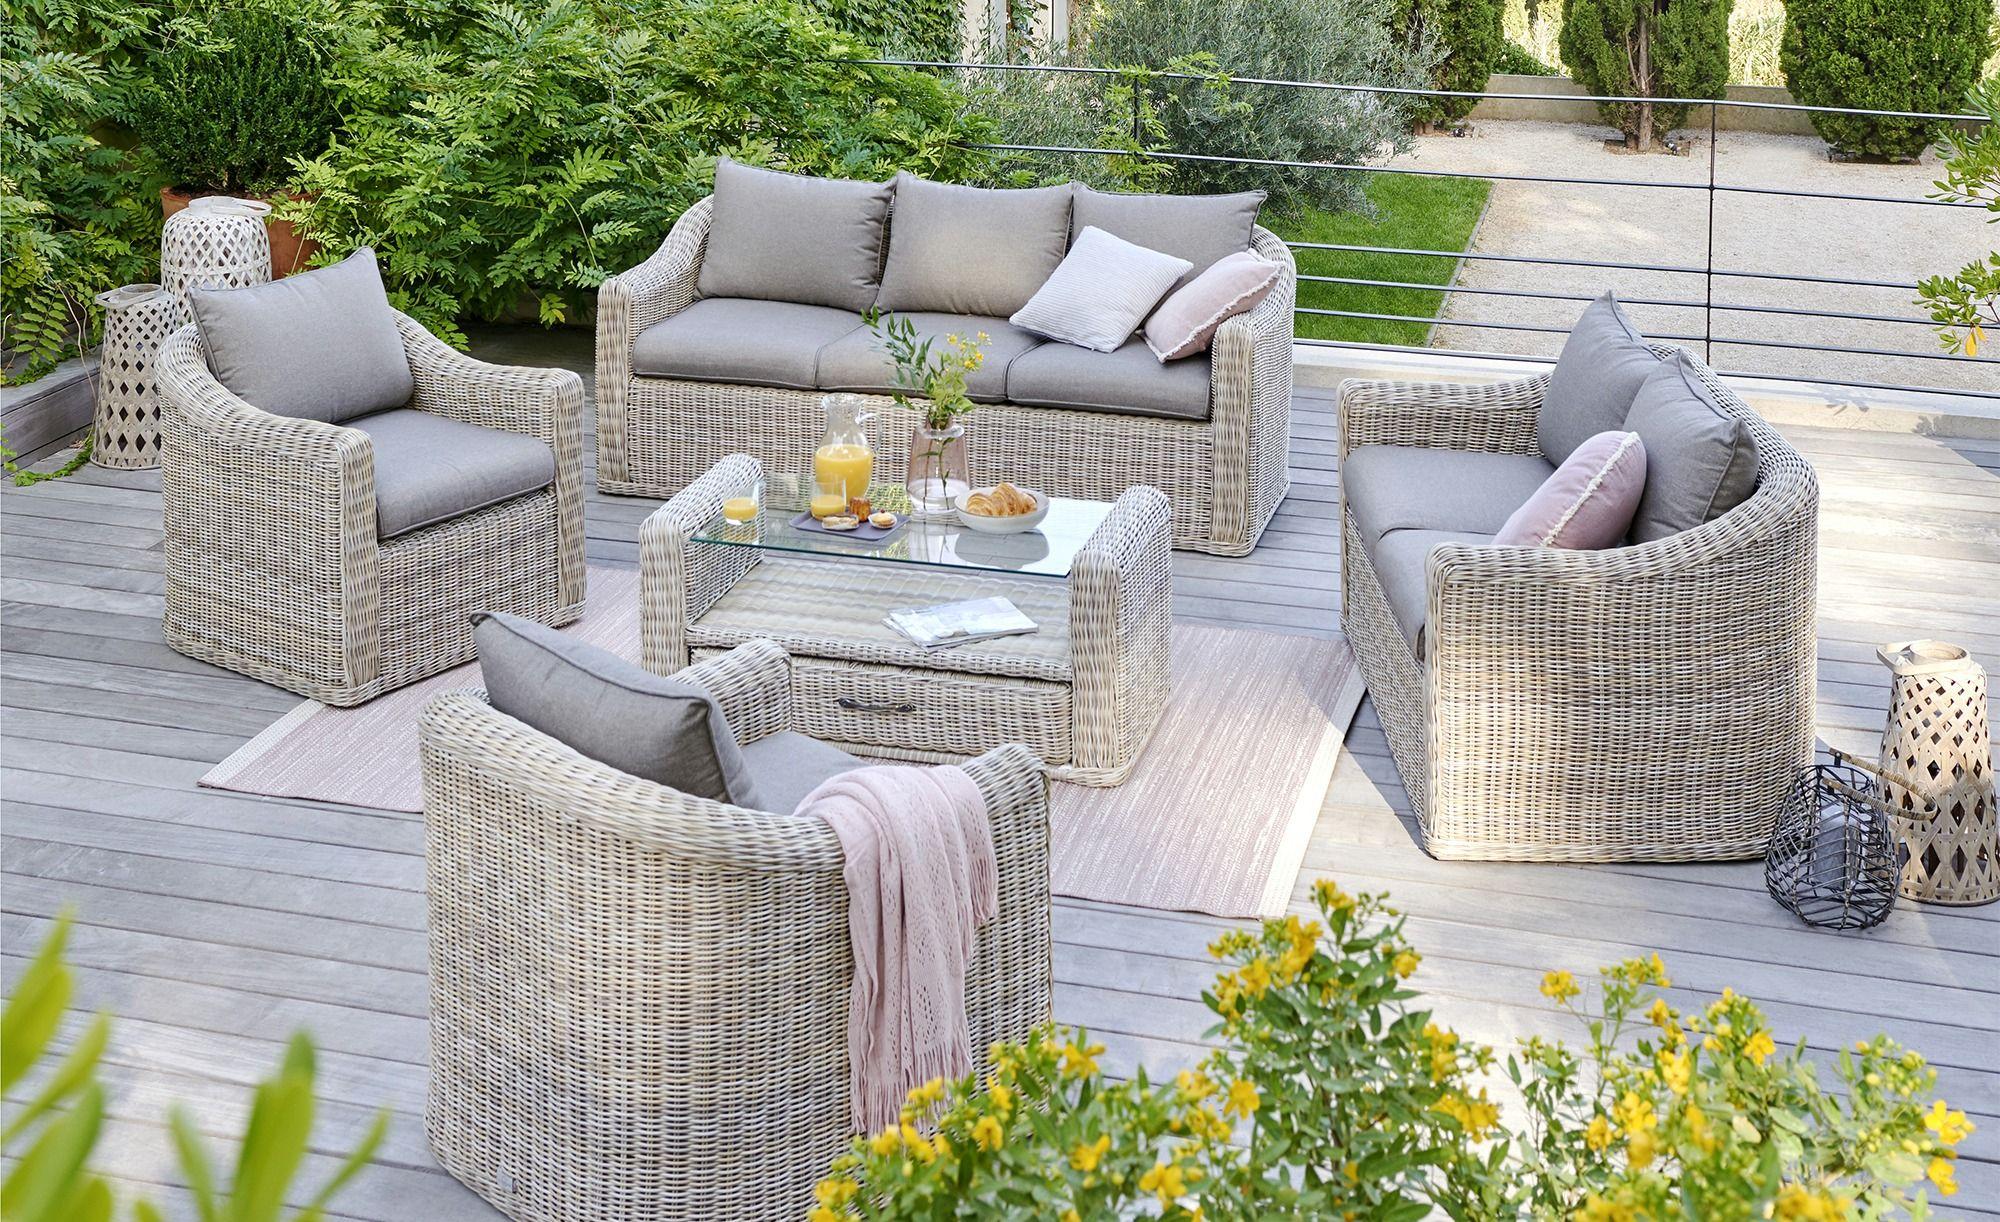 A Casa Mia Sessel Rattan Sylt 1 Creme Braun Gartensofa Outdoor Sessel Outdoor Teppich